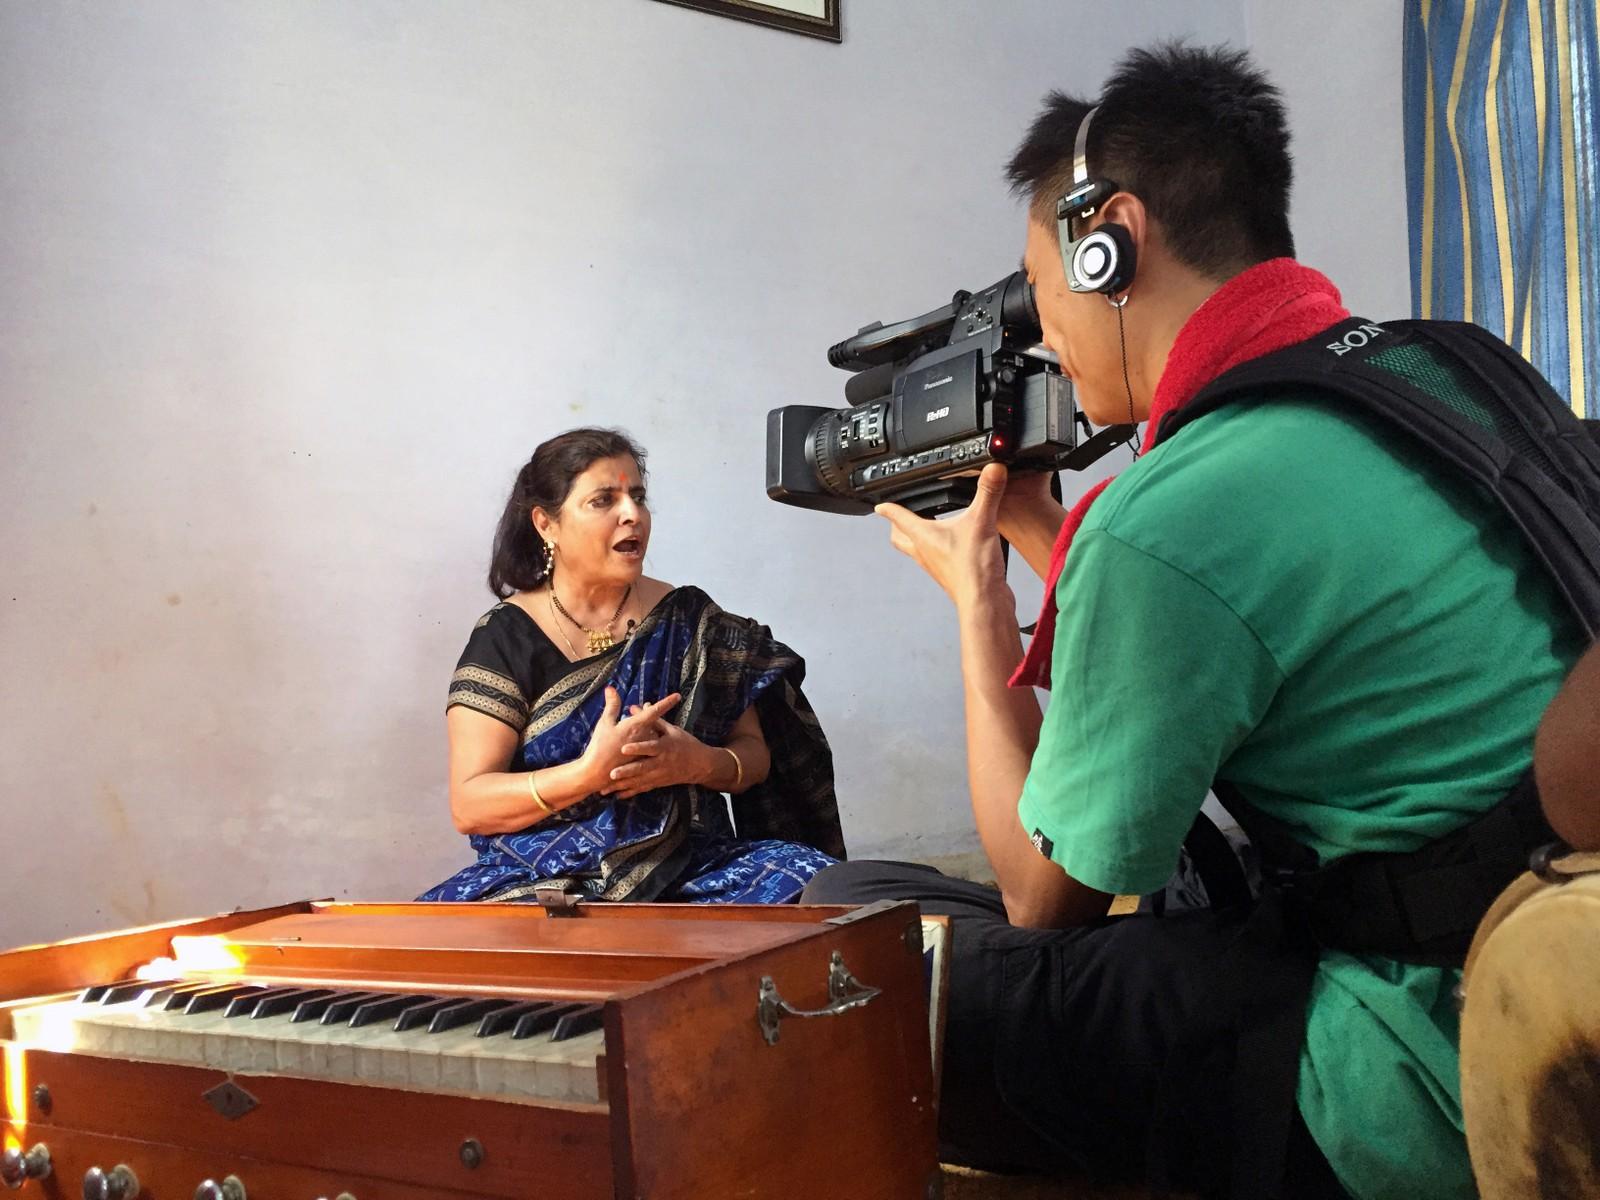 Sumedha Kailash er sentral i ektemannens arbeid. Hun kommer fra en kjent aktivistfamilie og beskrives som like tøff som ham; hun har deltatt i flere av de spektakulære aksjonene hvor barn reddes ut av slavefabrikker.